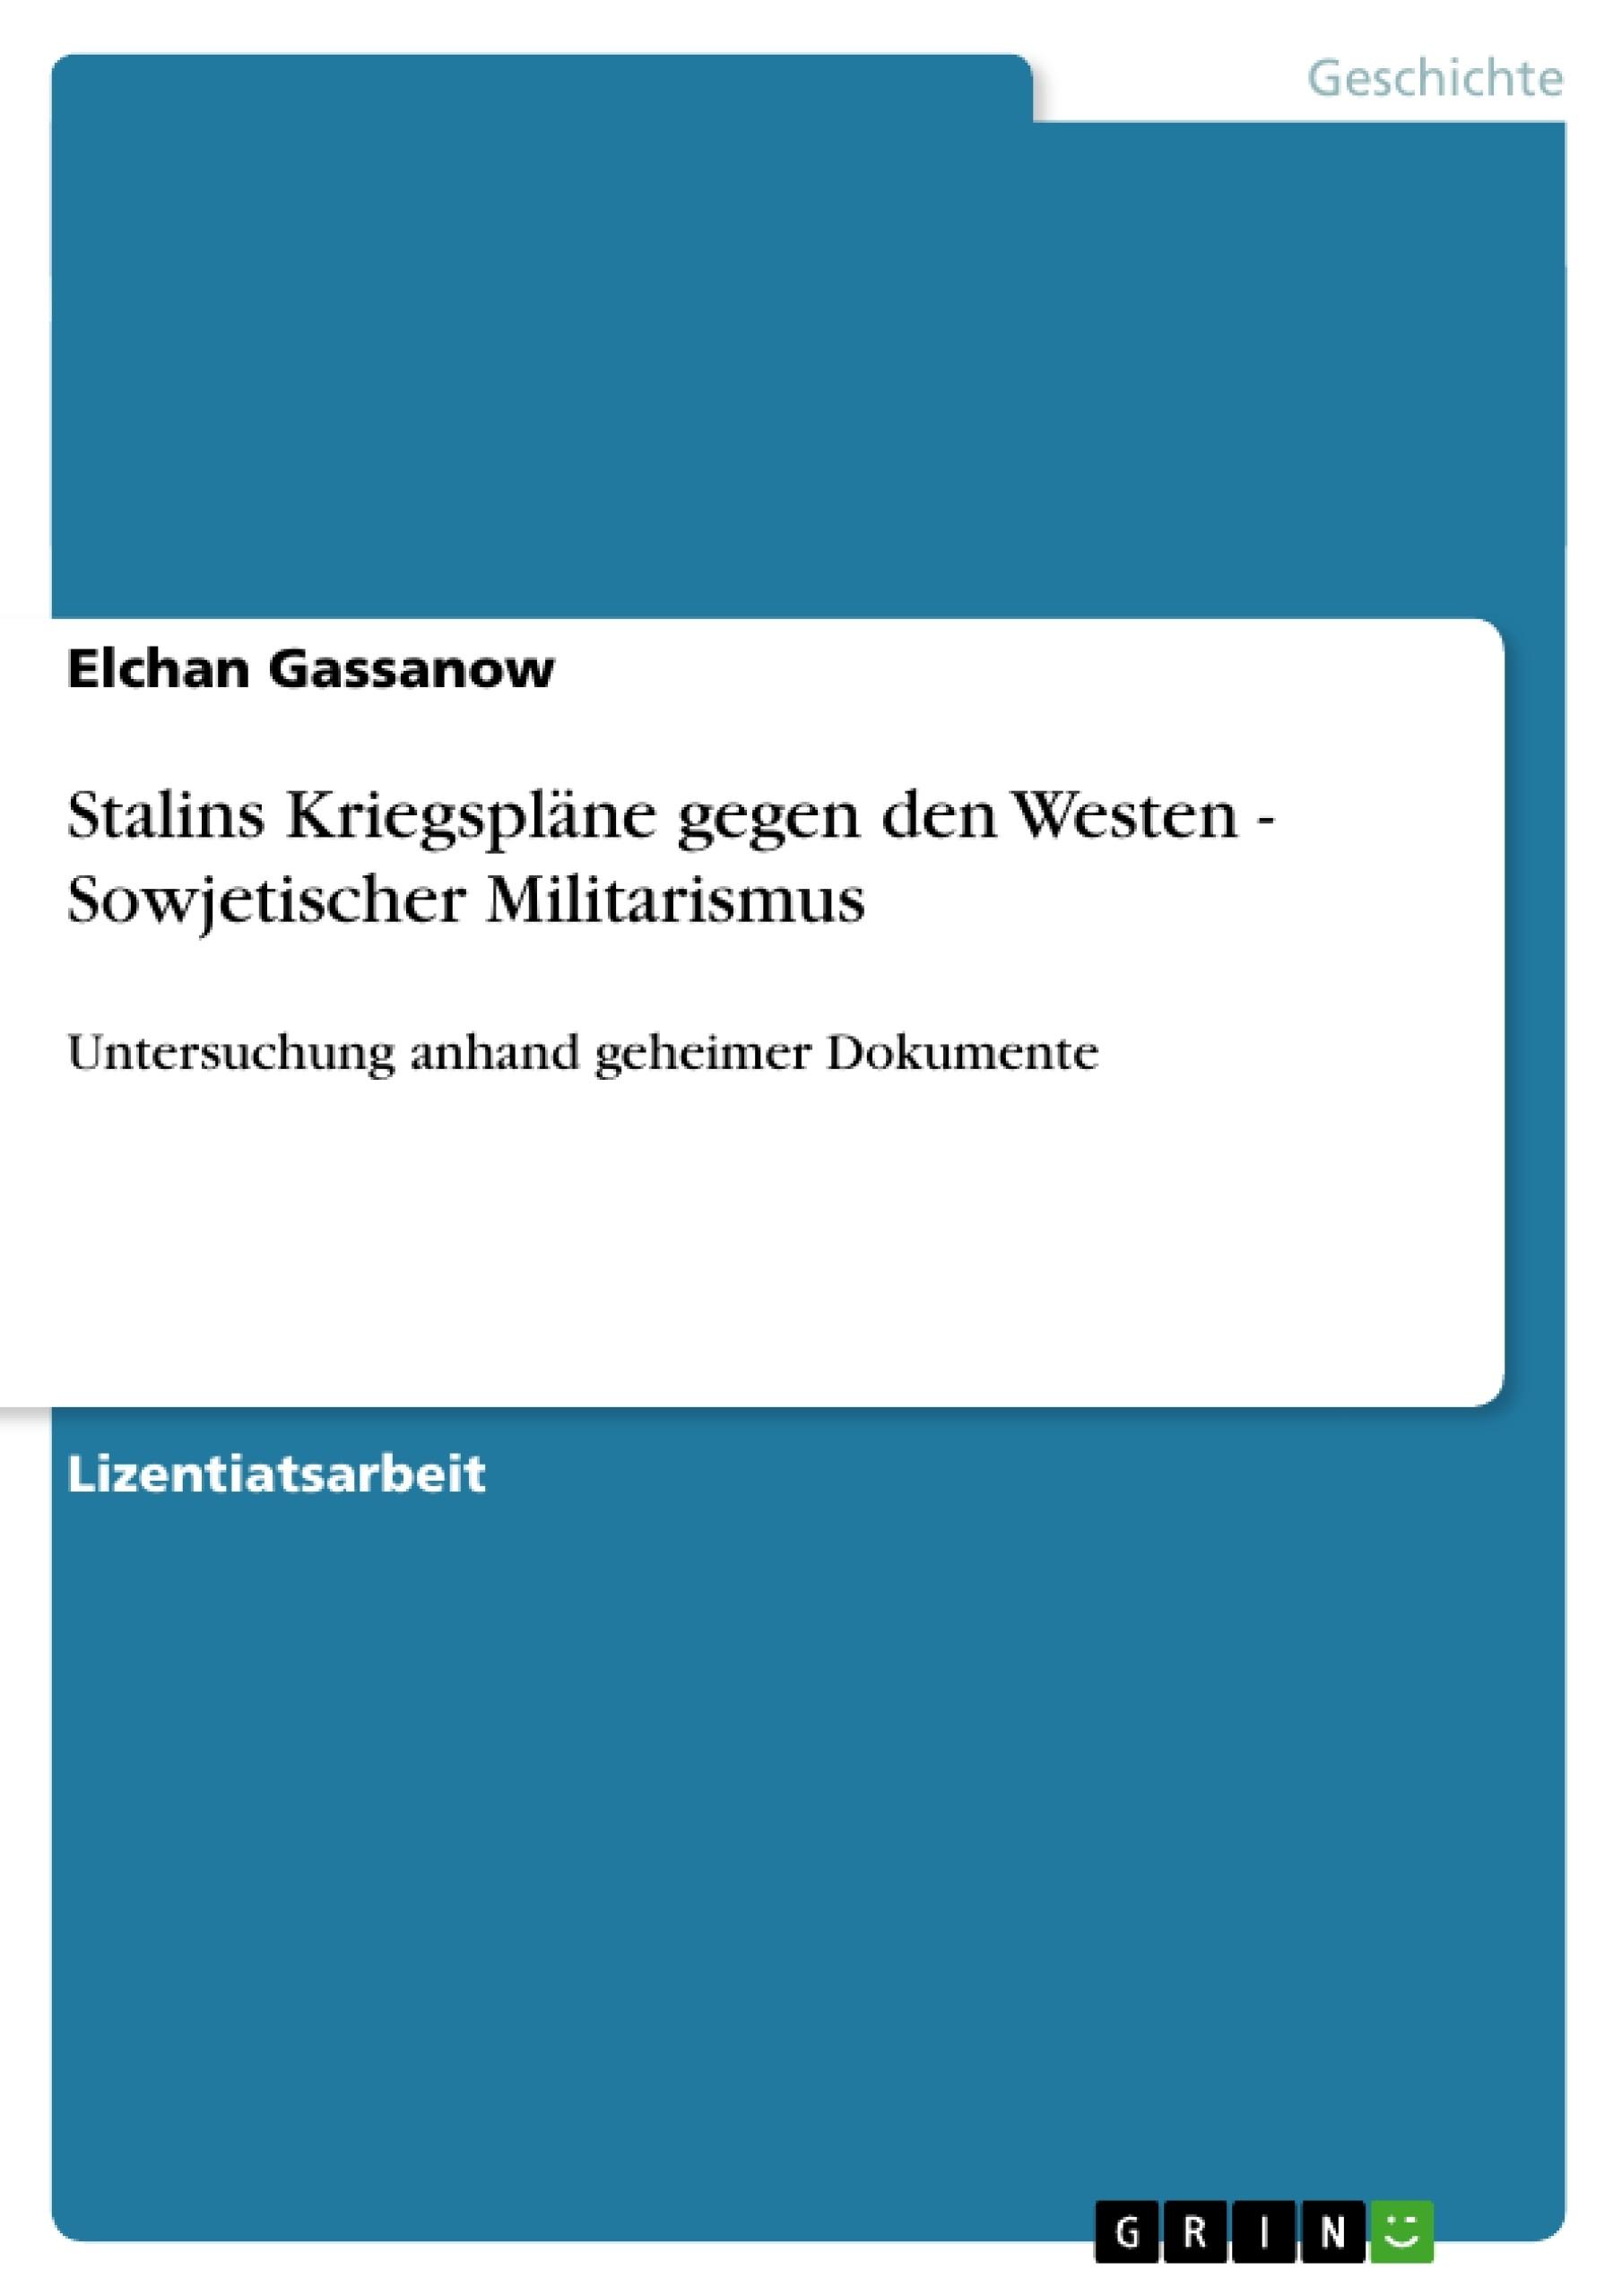 Titel: Stalins Kriegspläne gegen den Westen - Sowjetischer Militarismus